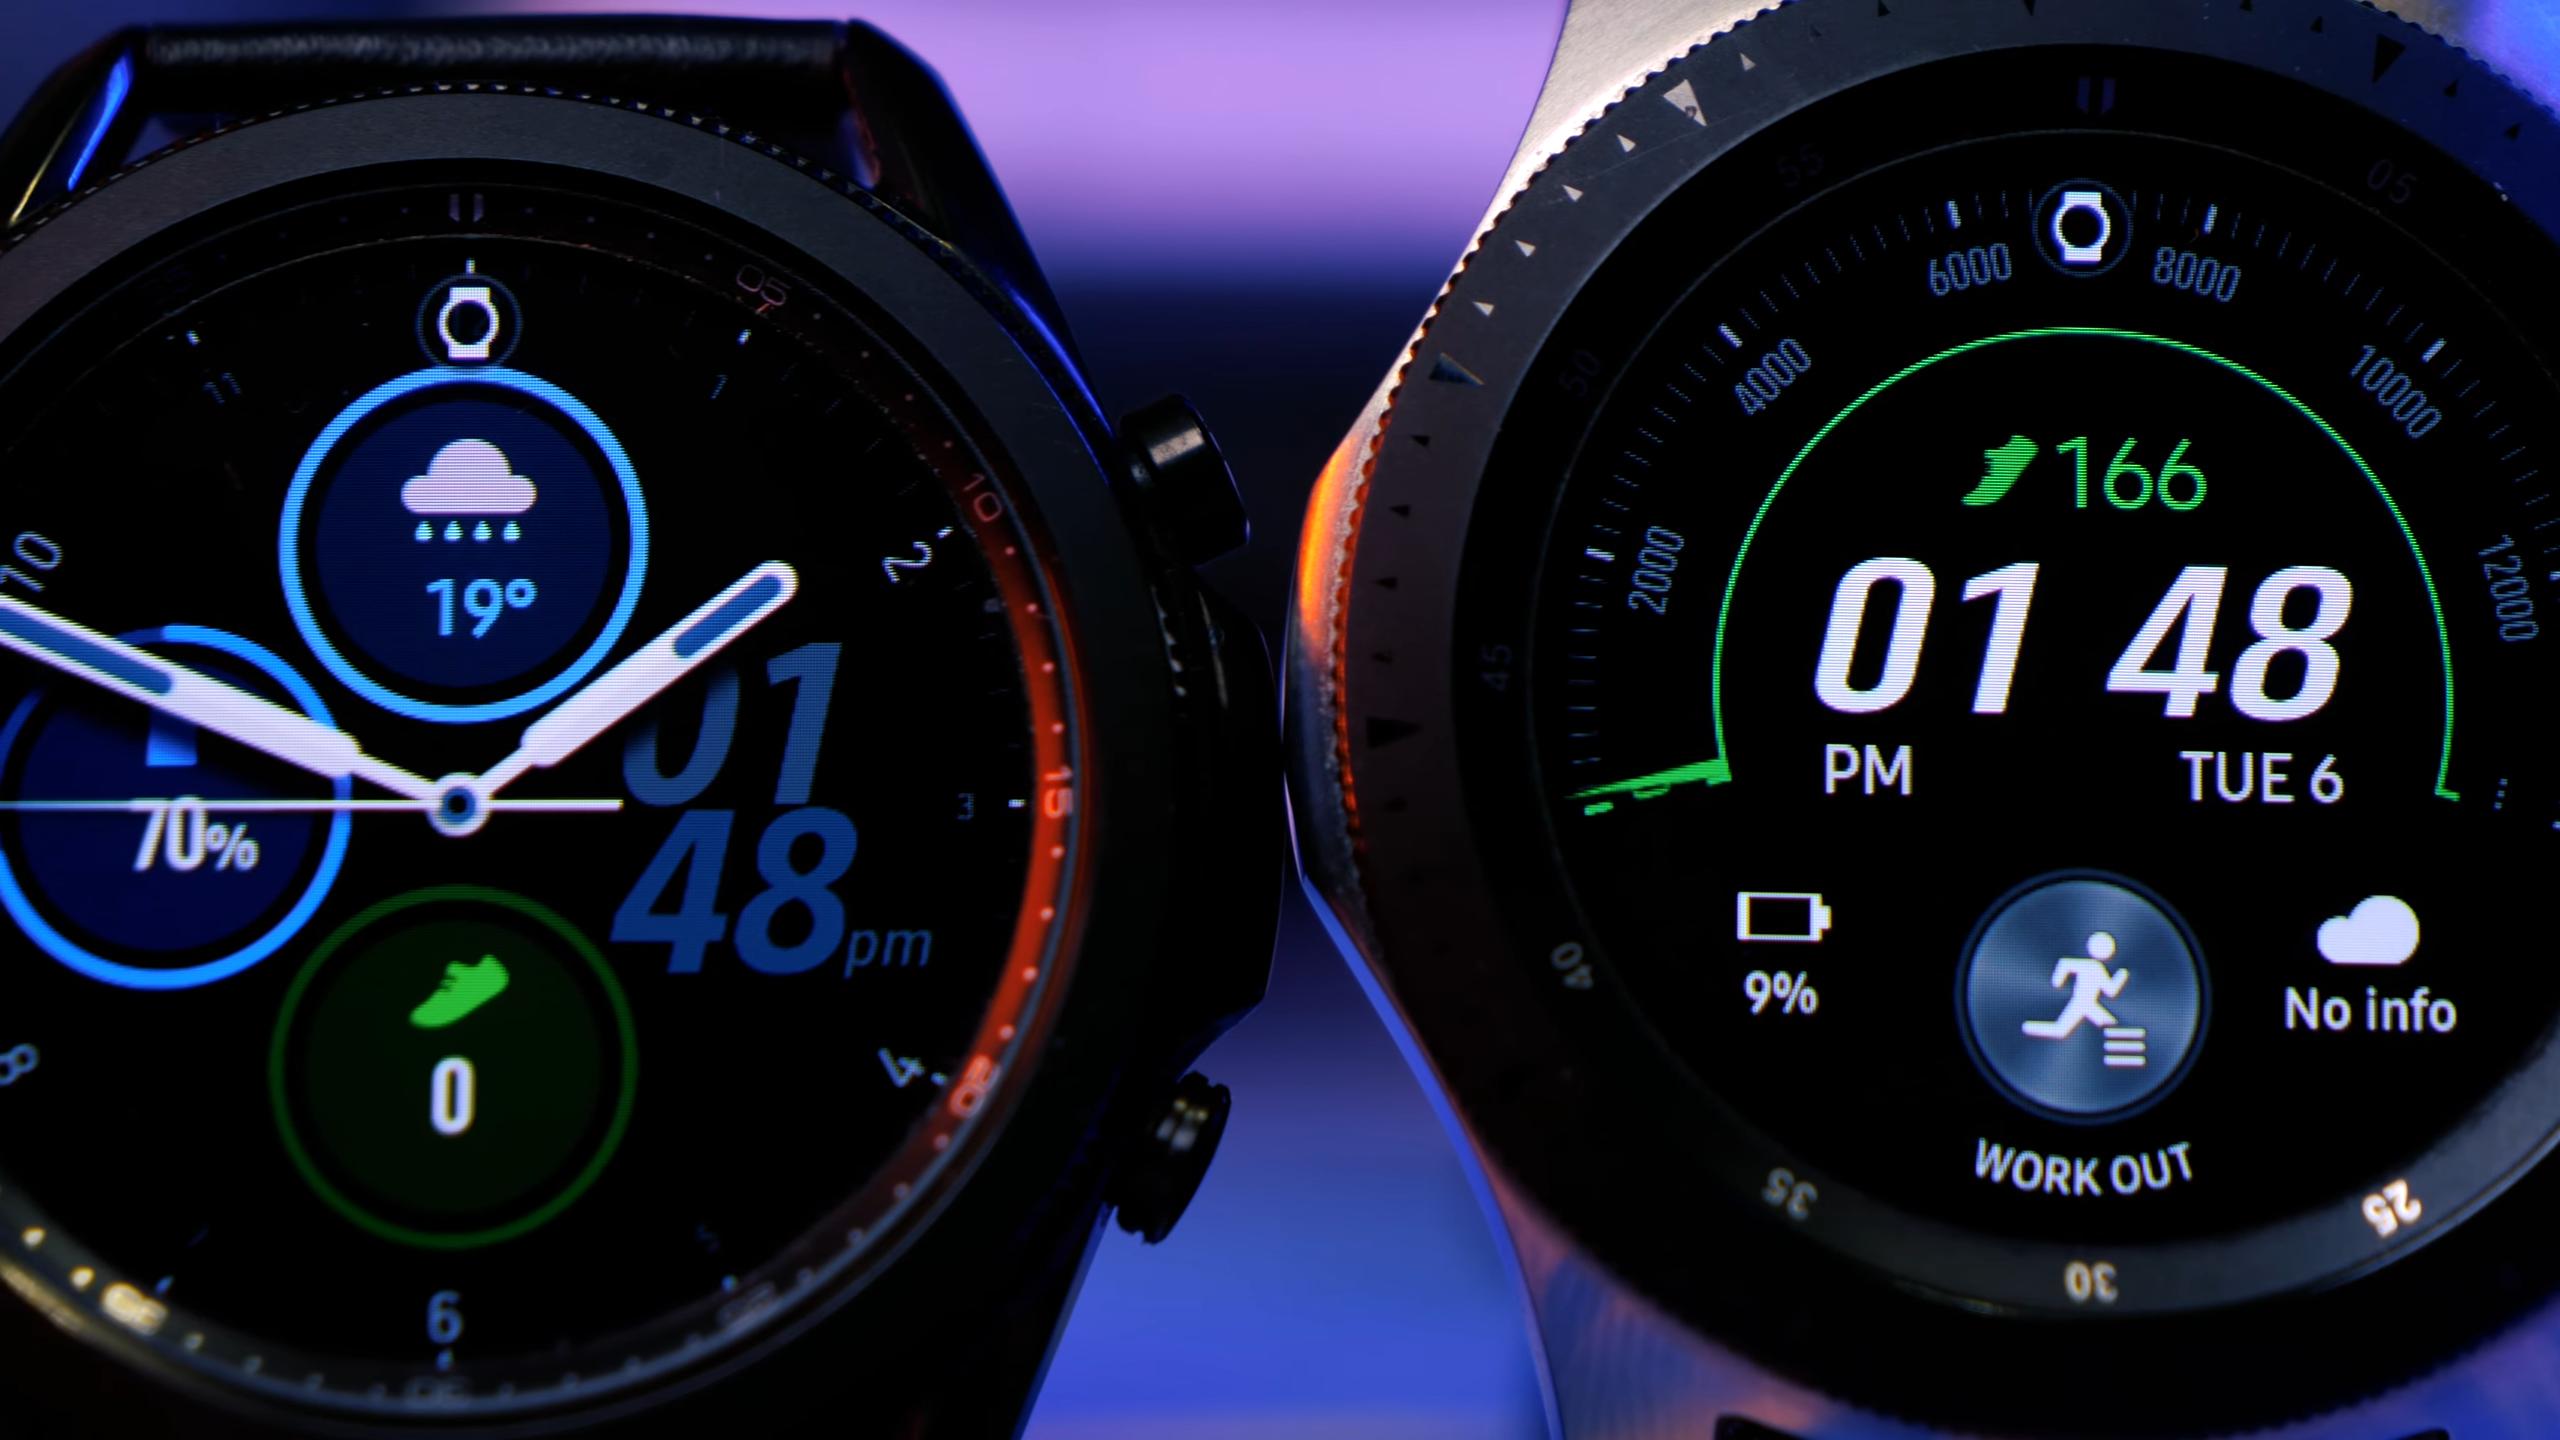 Review of smart watch: Samsung Galaxy Watch 3 TechRechard